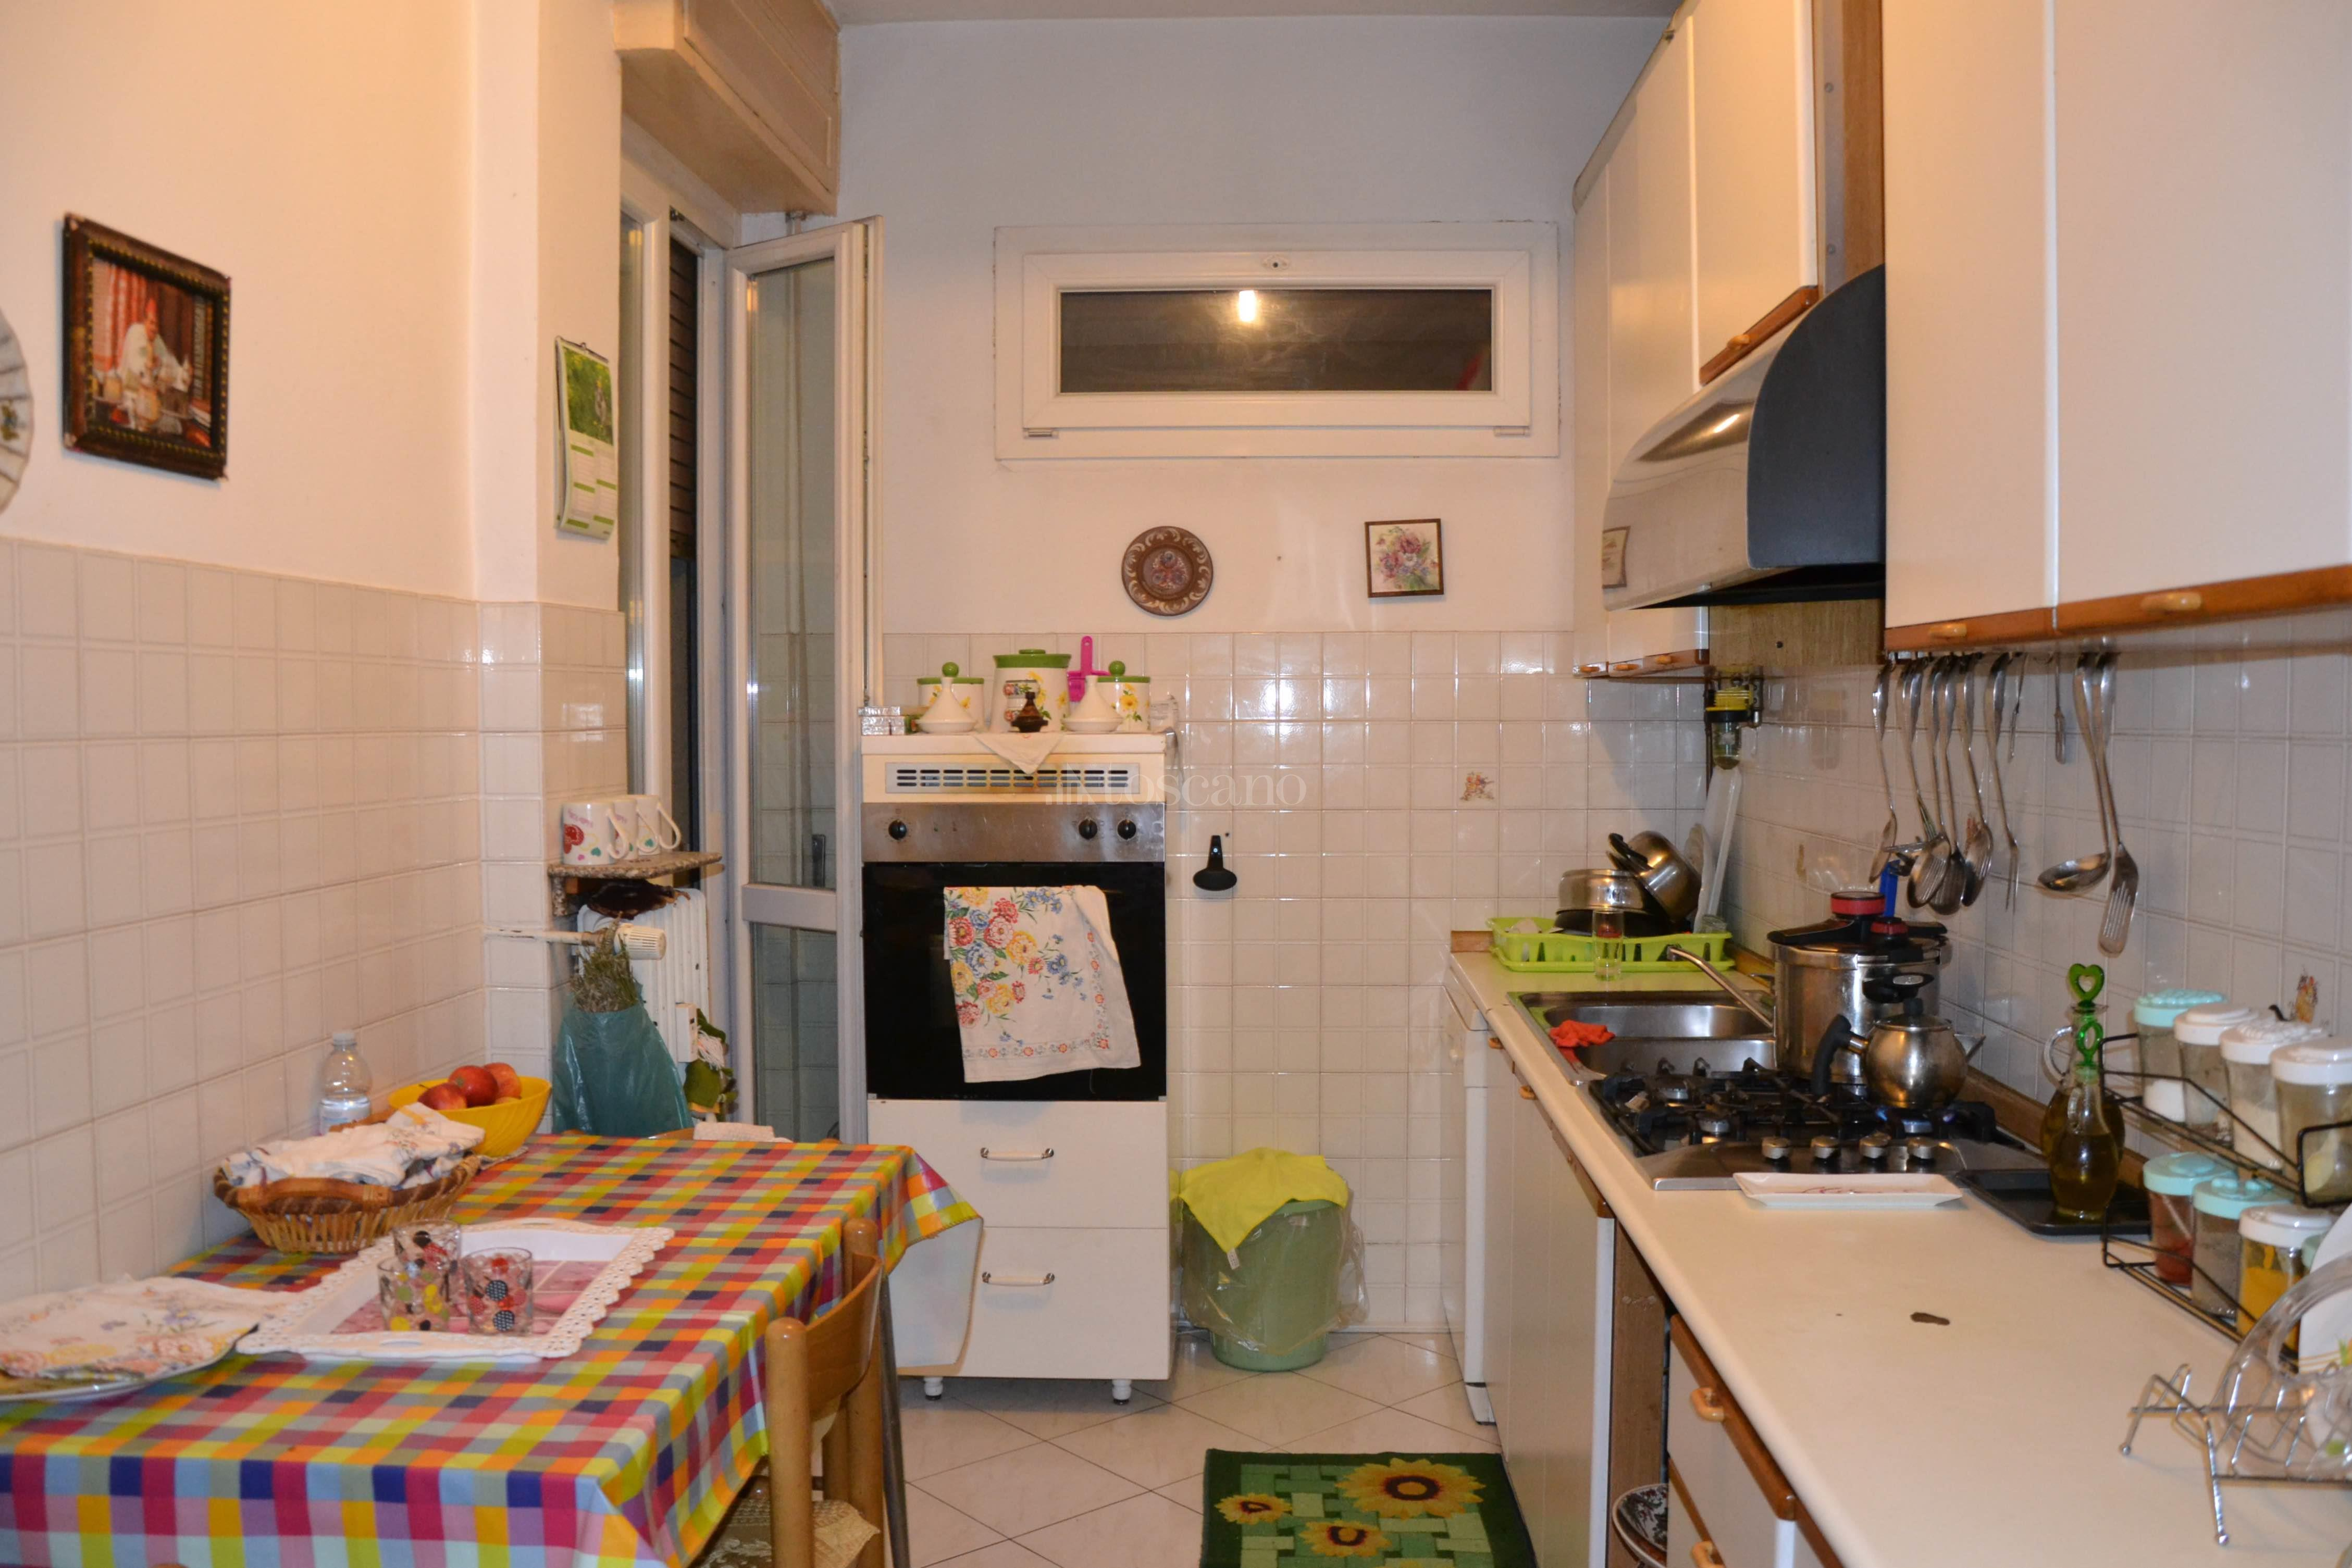 Vendita casa a como in via turati piazza camerlata 119 for Toscano immobiliare como